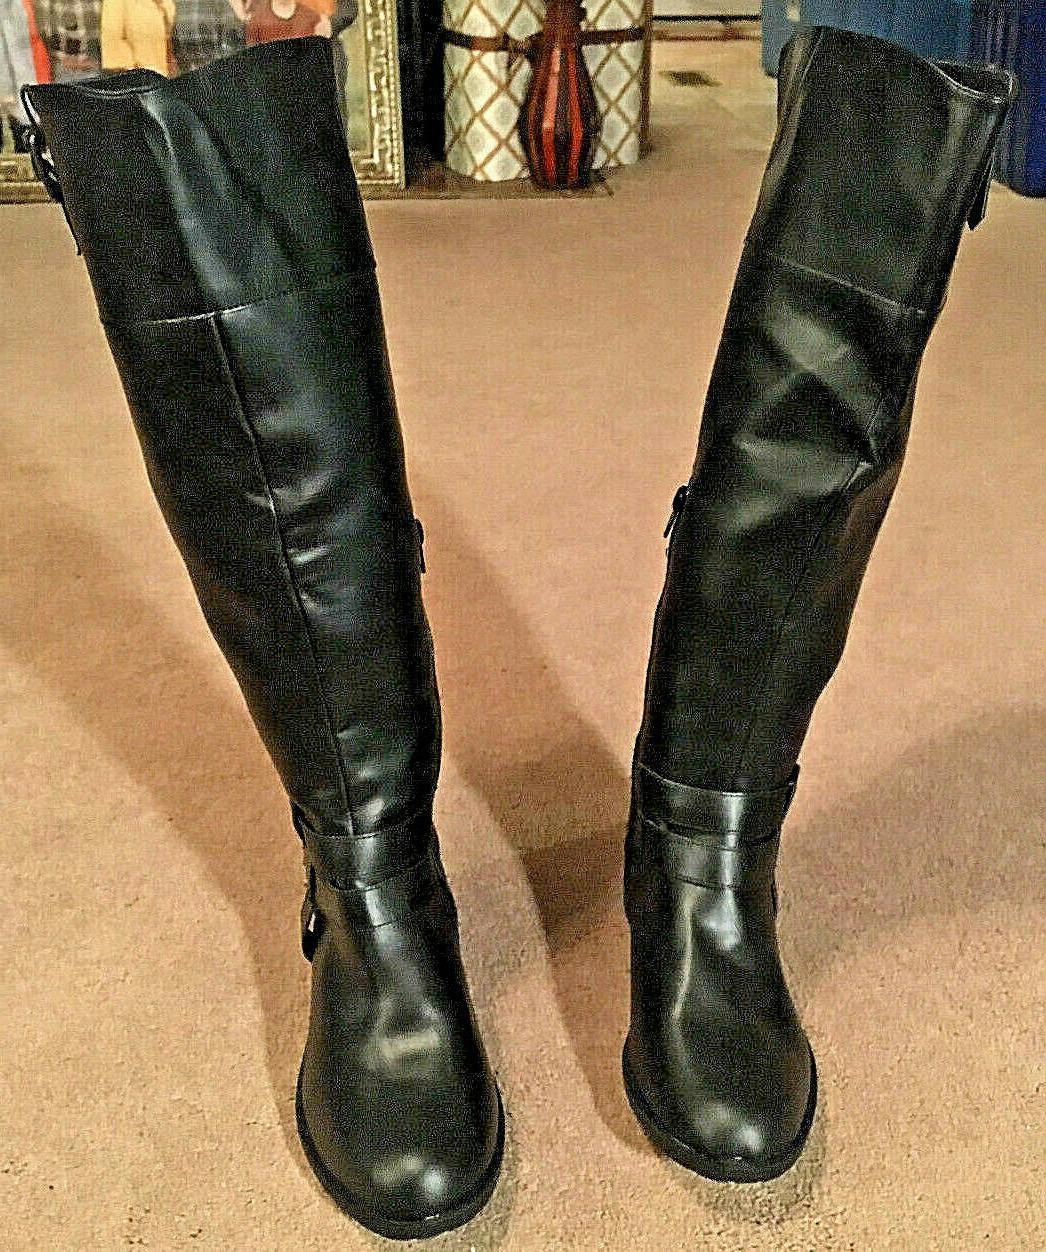 Rampage Ram-Ingred Wide Calf Riding Boot - Women's Size 7M B